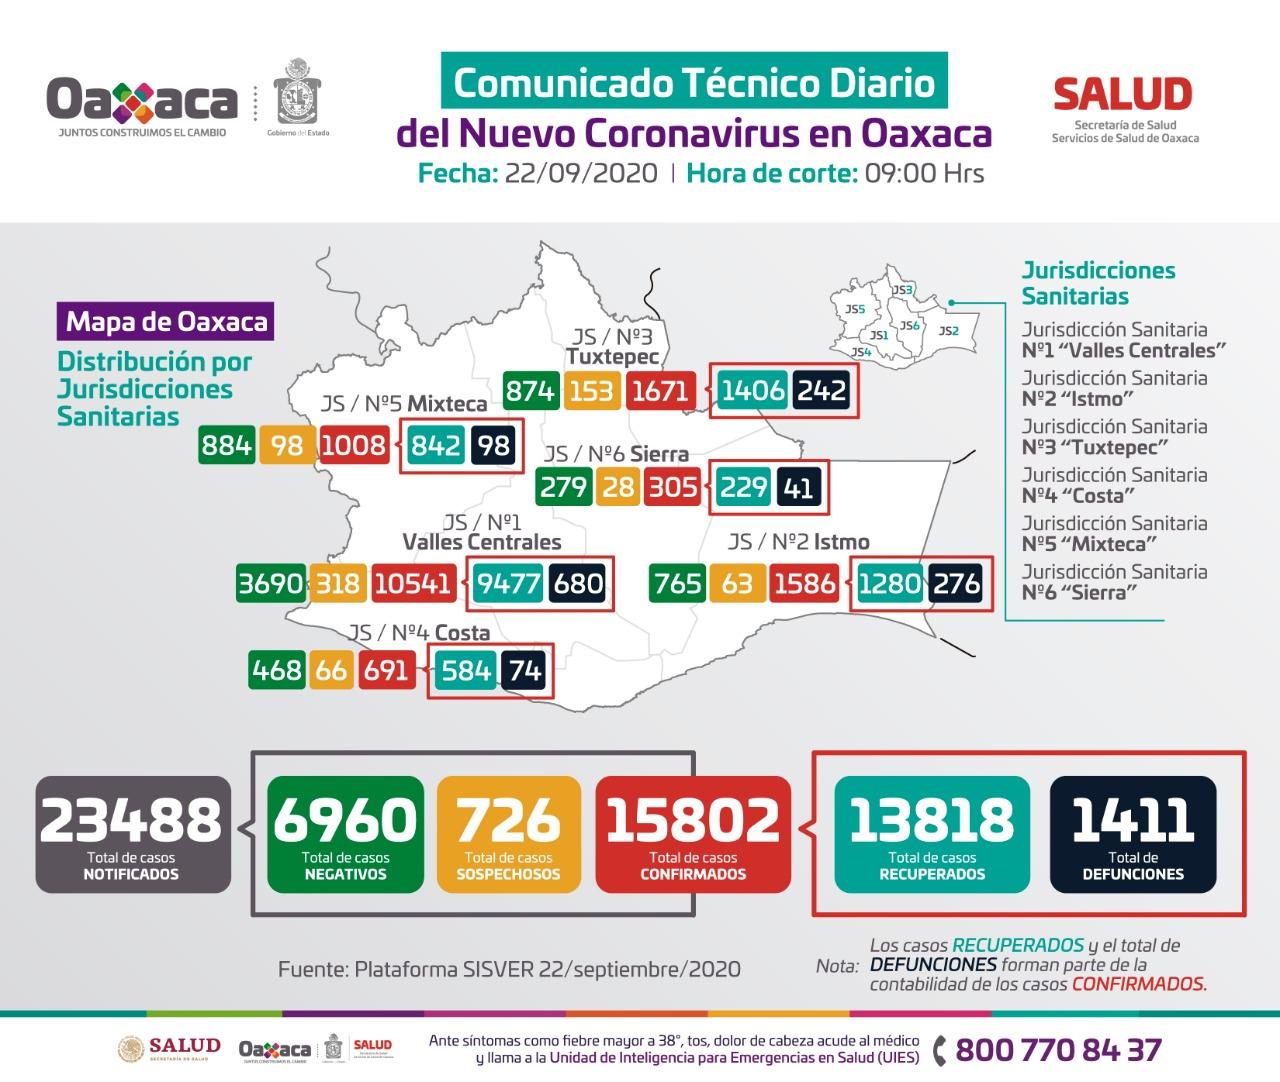 Advierten presencia de Covid-19 en etapa activa en 101 municipios de Oaxaca